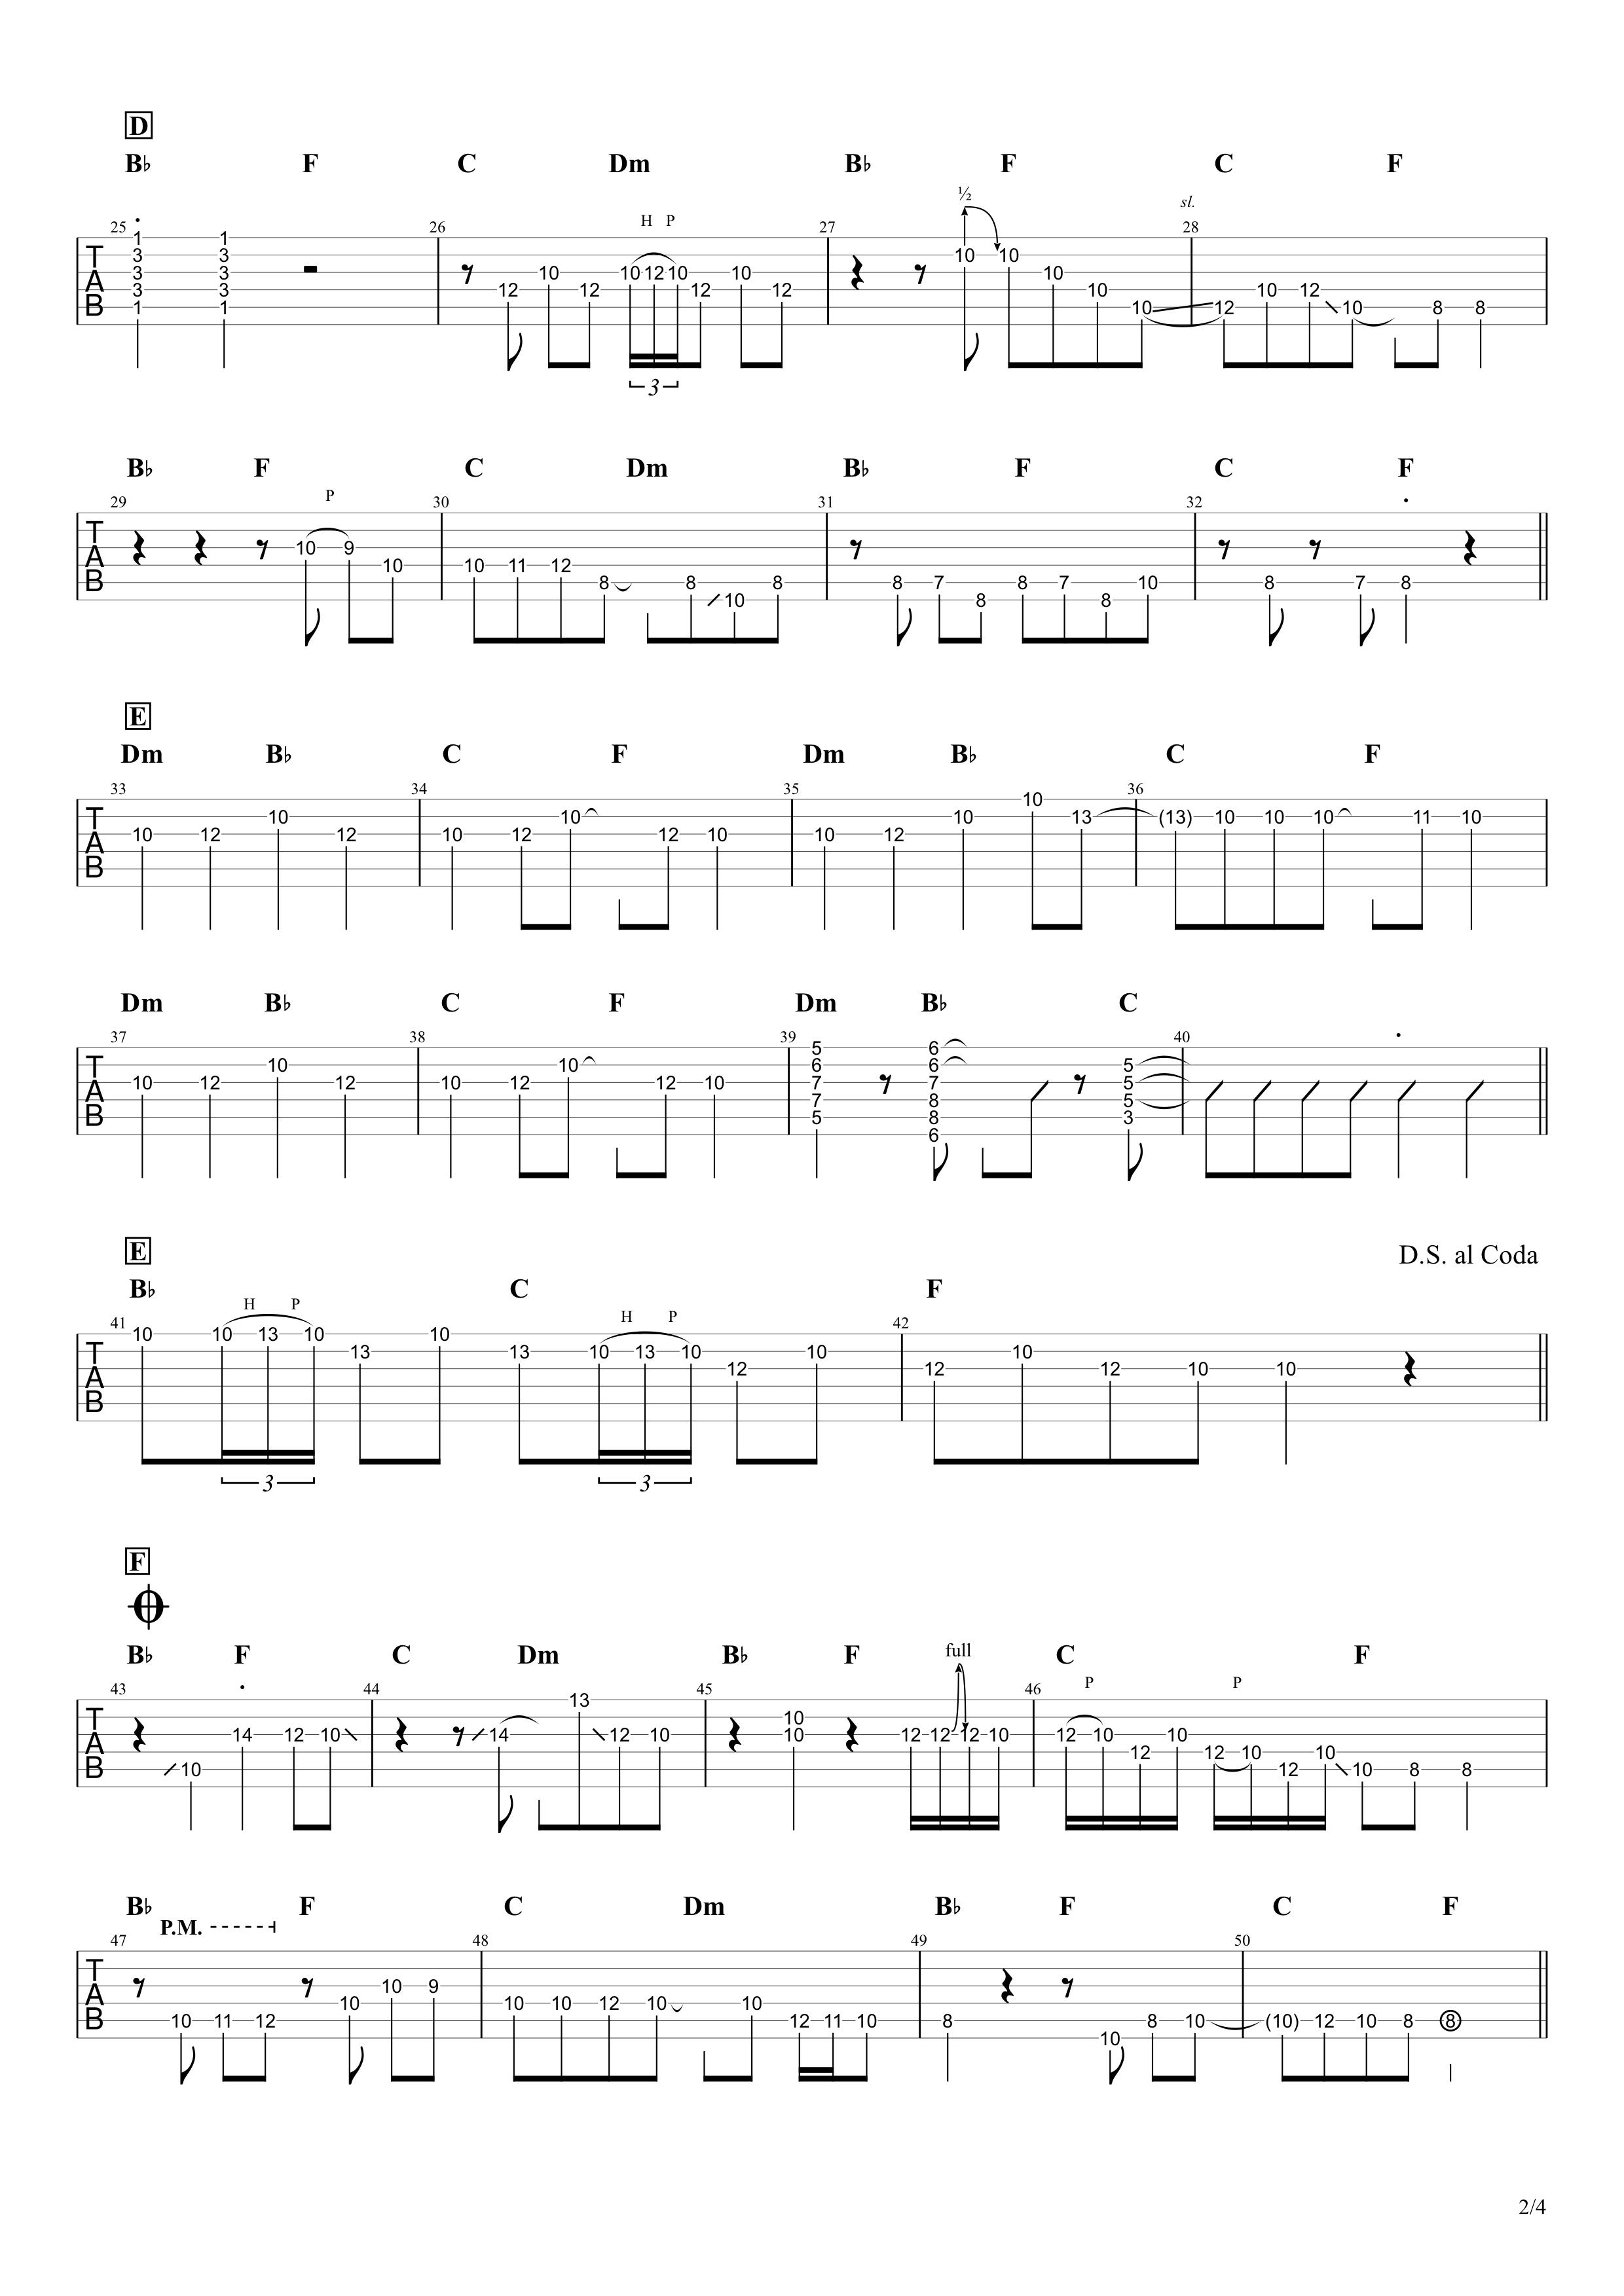 ただ君に晴れ/ヨルシカ ギタータブ譜スコア02